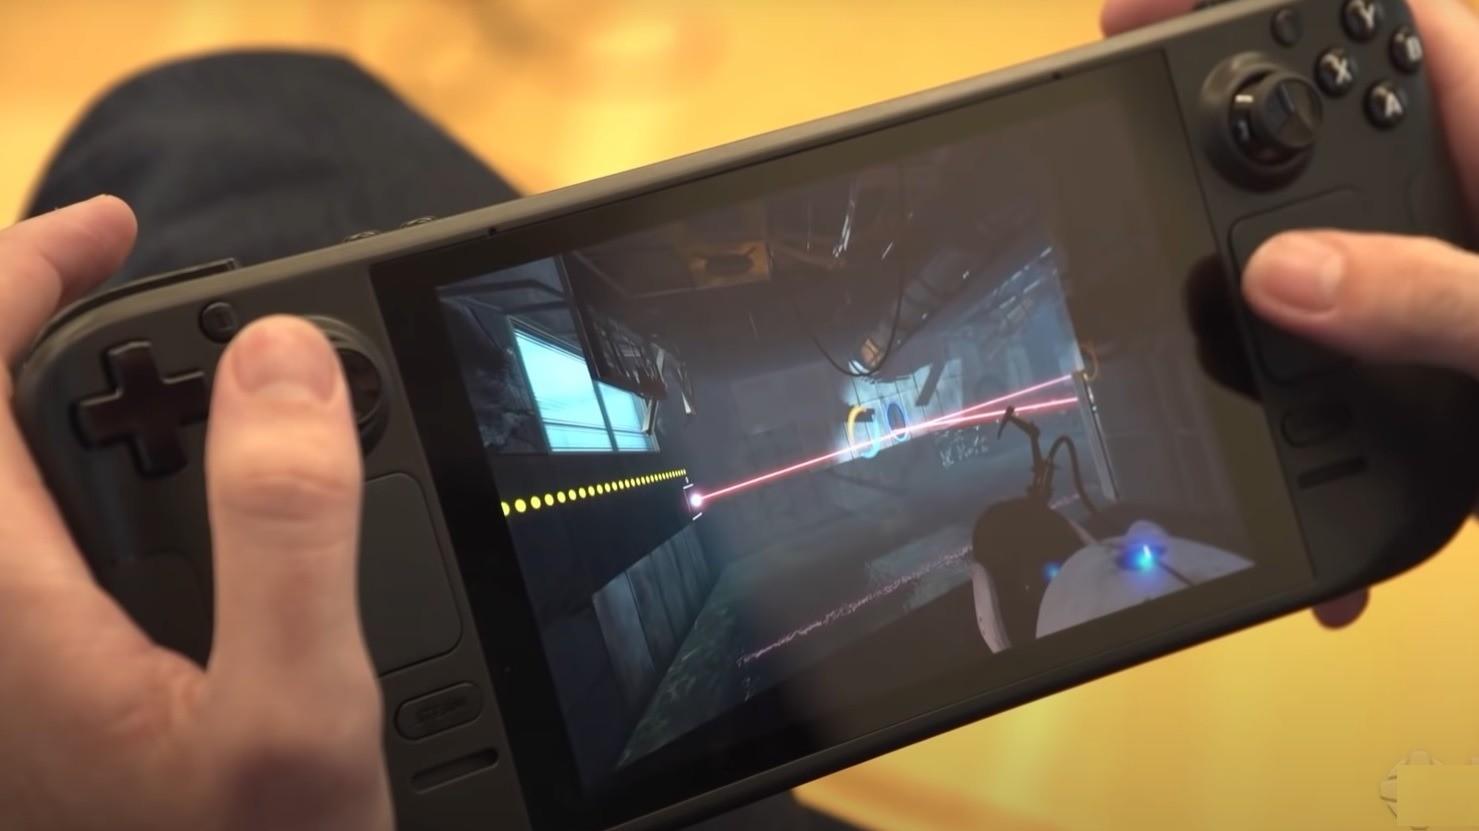 Представители Valve рассказали о возможностях гироскопа в Steam Deck